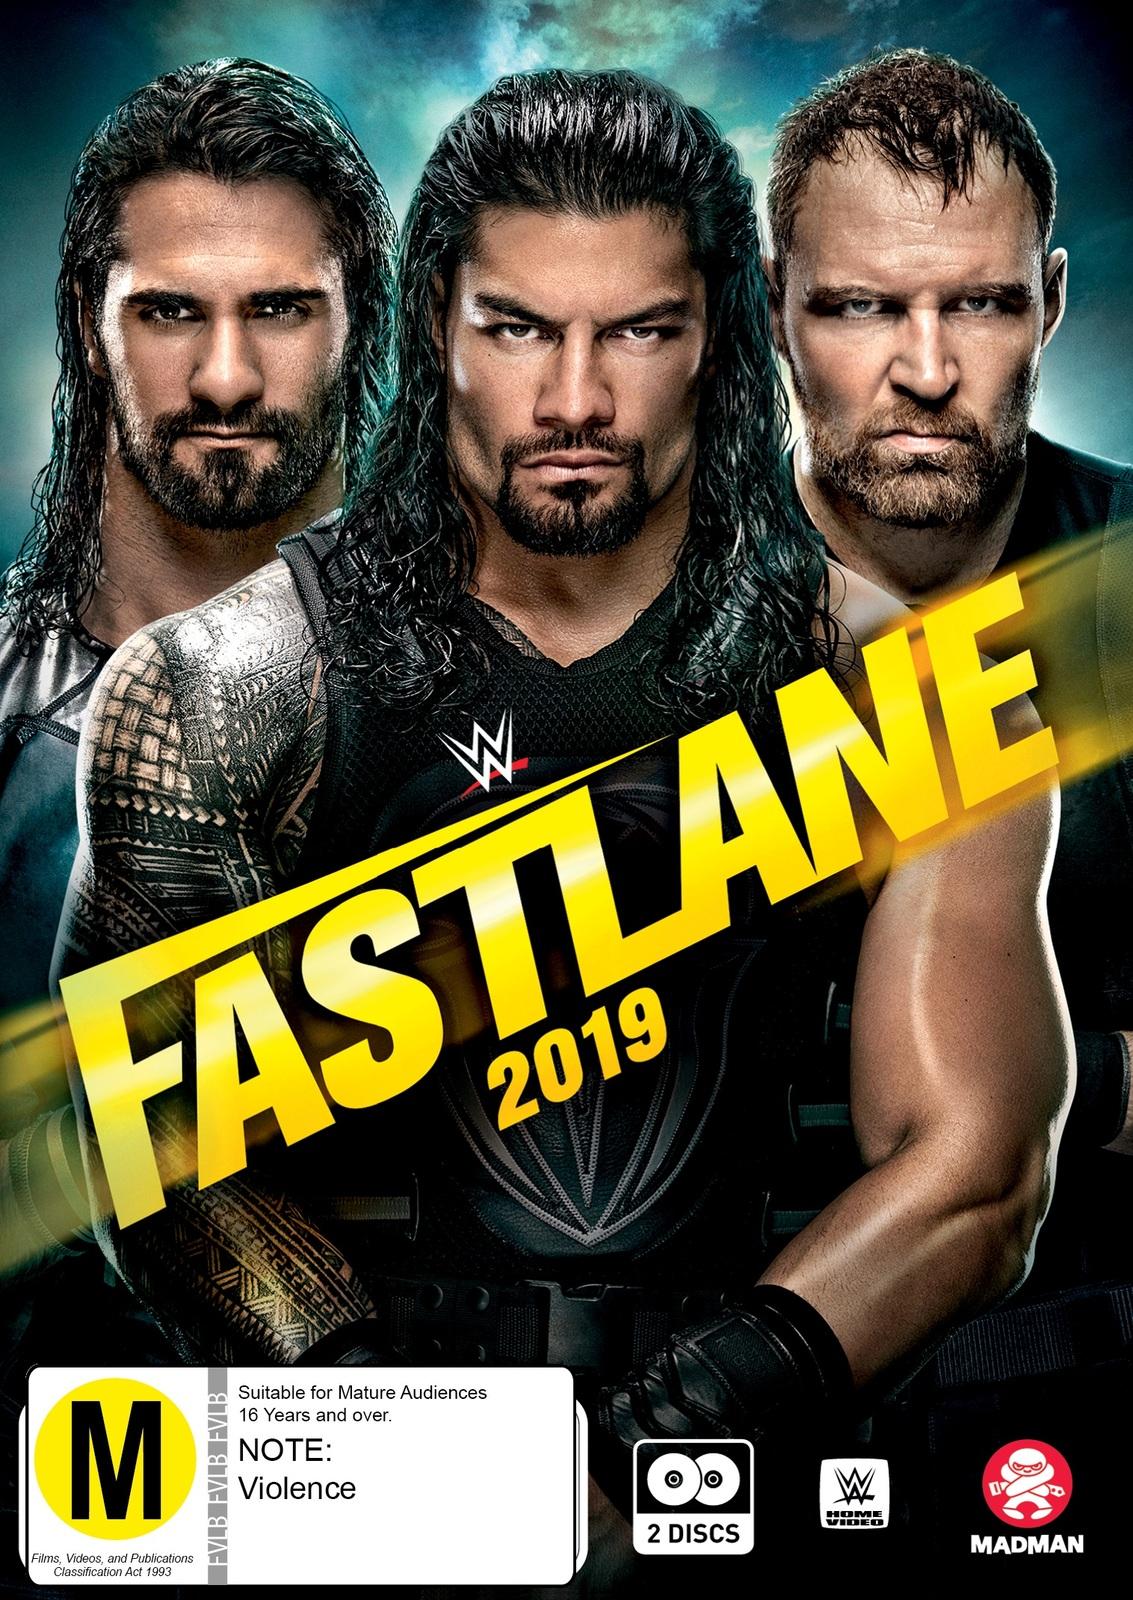 WWE: Fast Lane 2019 on DVD image